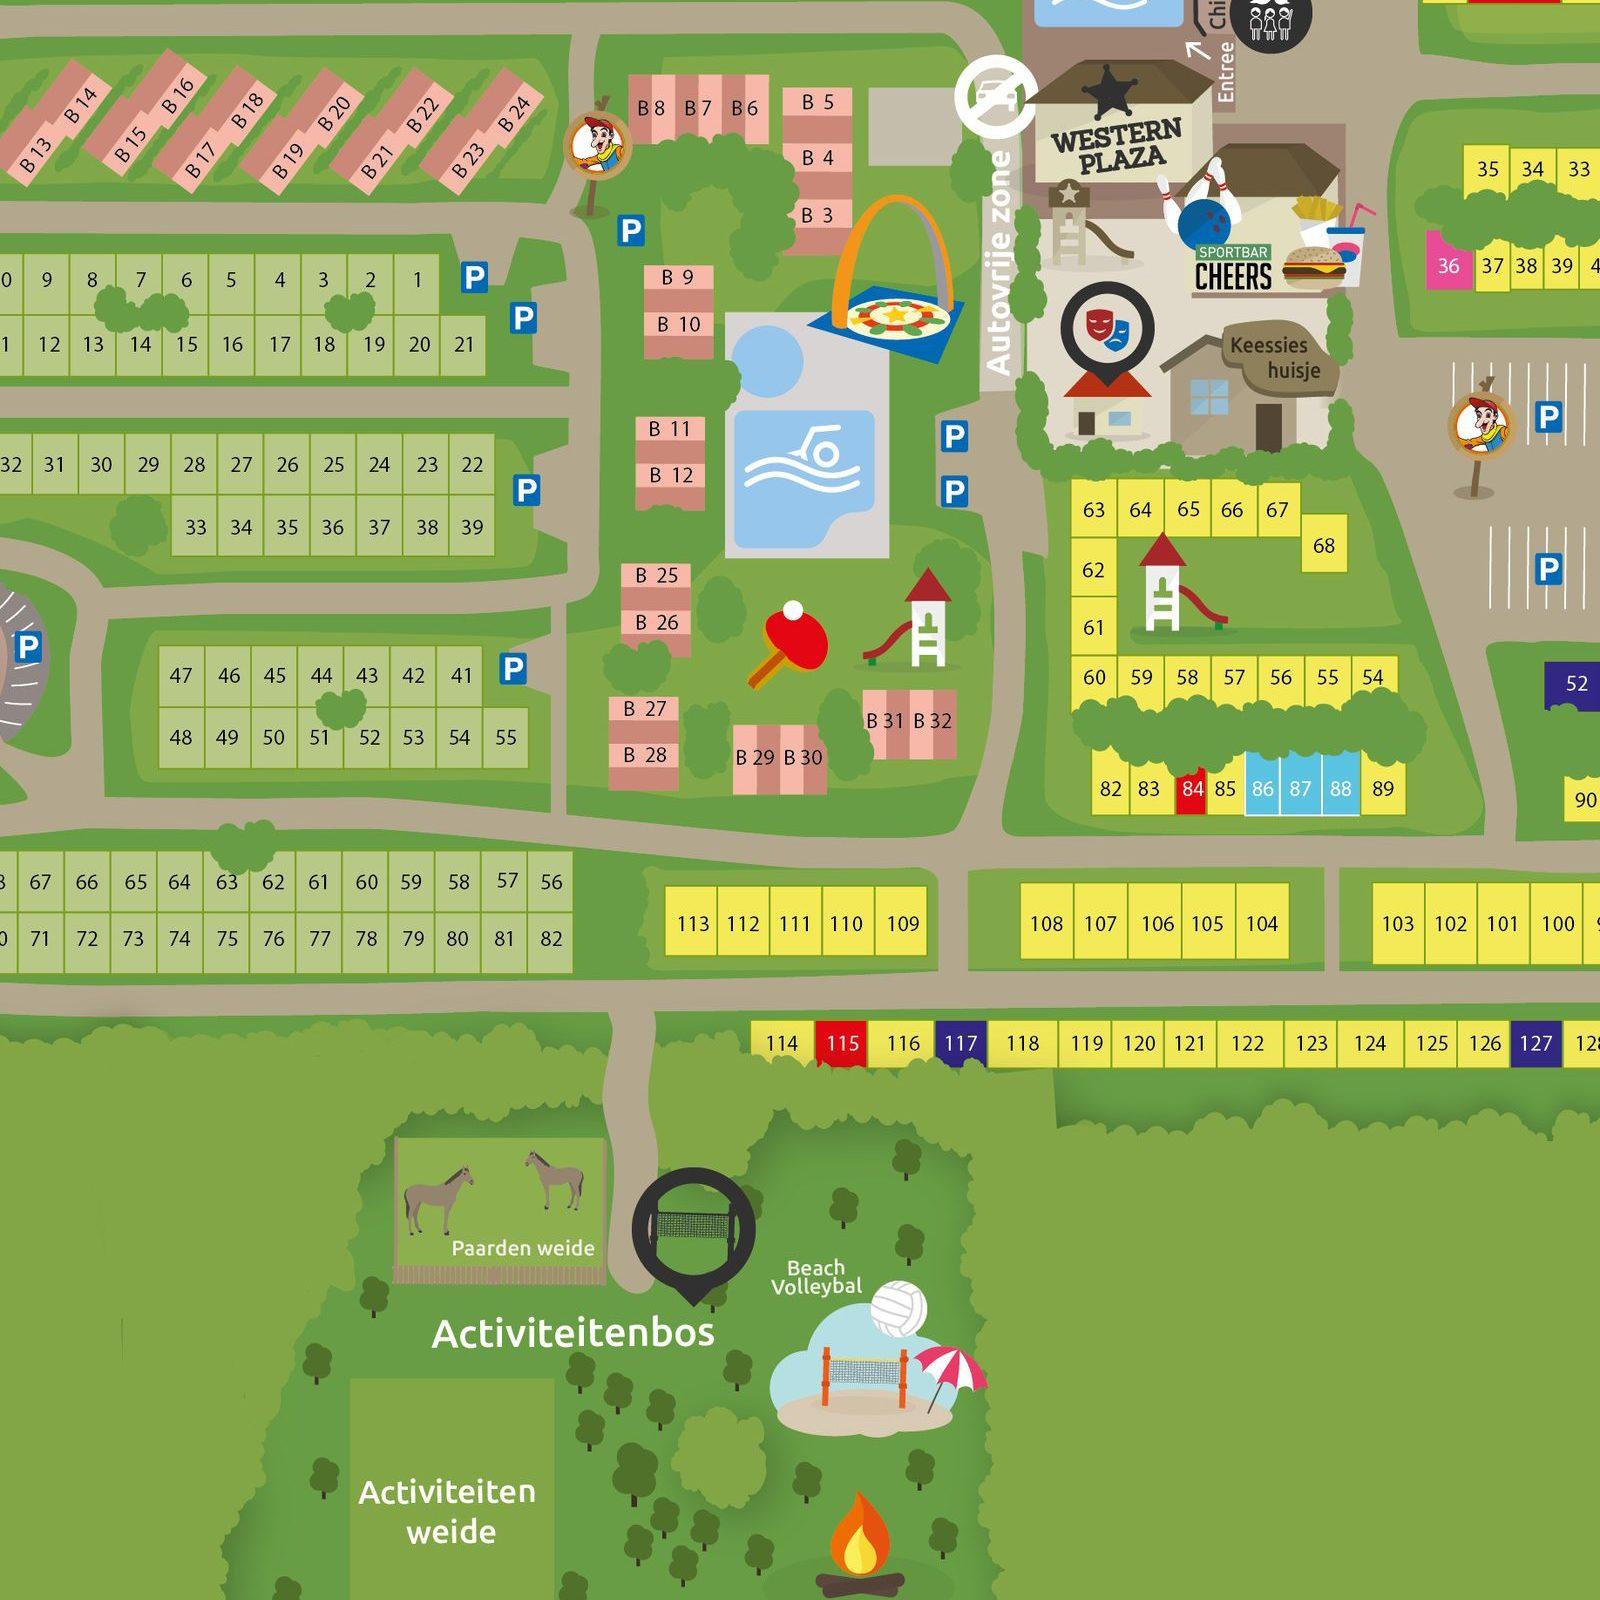 Activiteitenbos op Recreatiepark De Boshoek